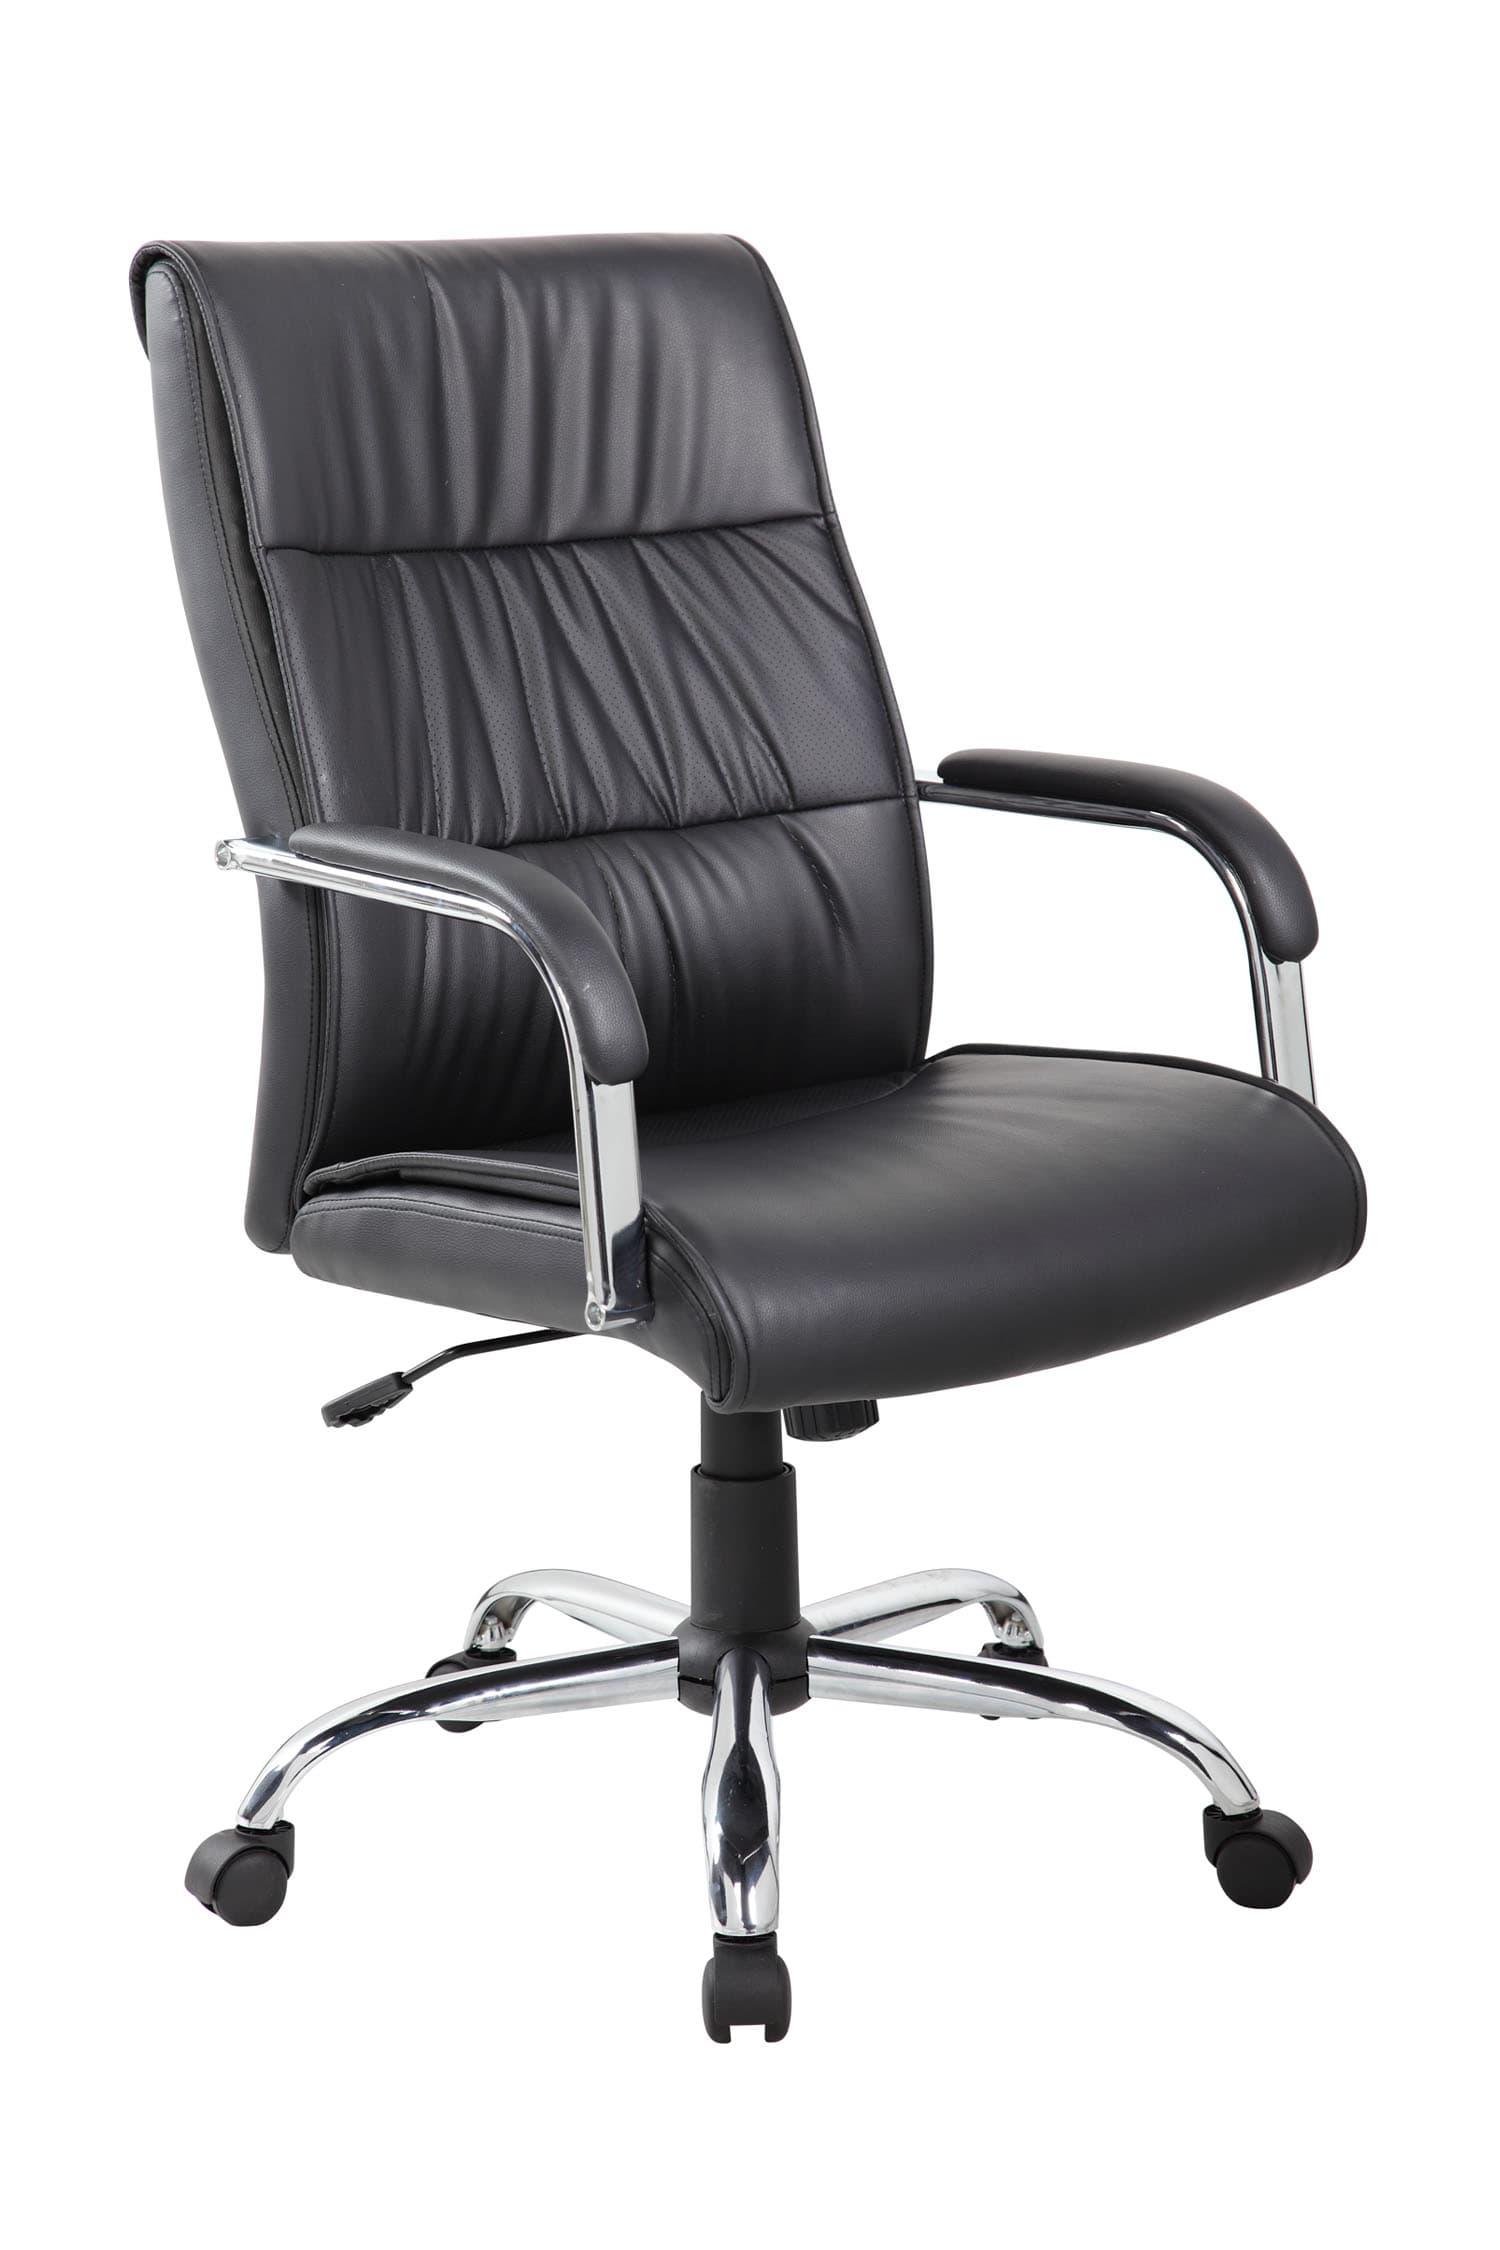 Компьютерное кресло RCH 9249 1/Черная экокожа